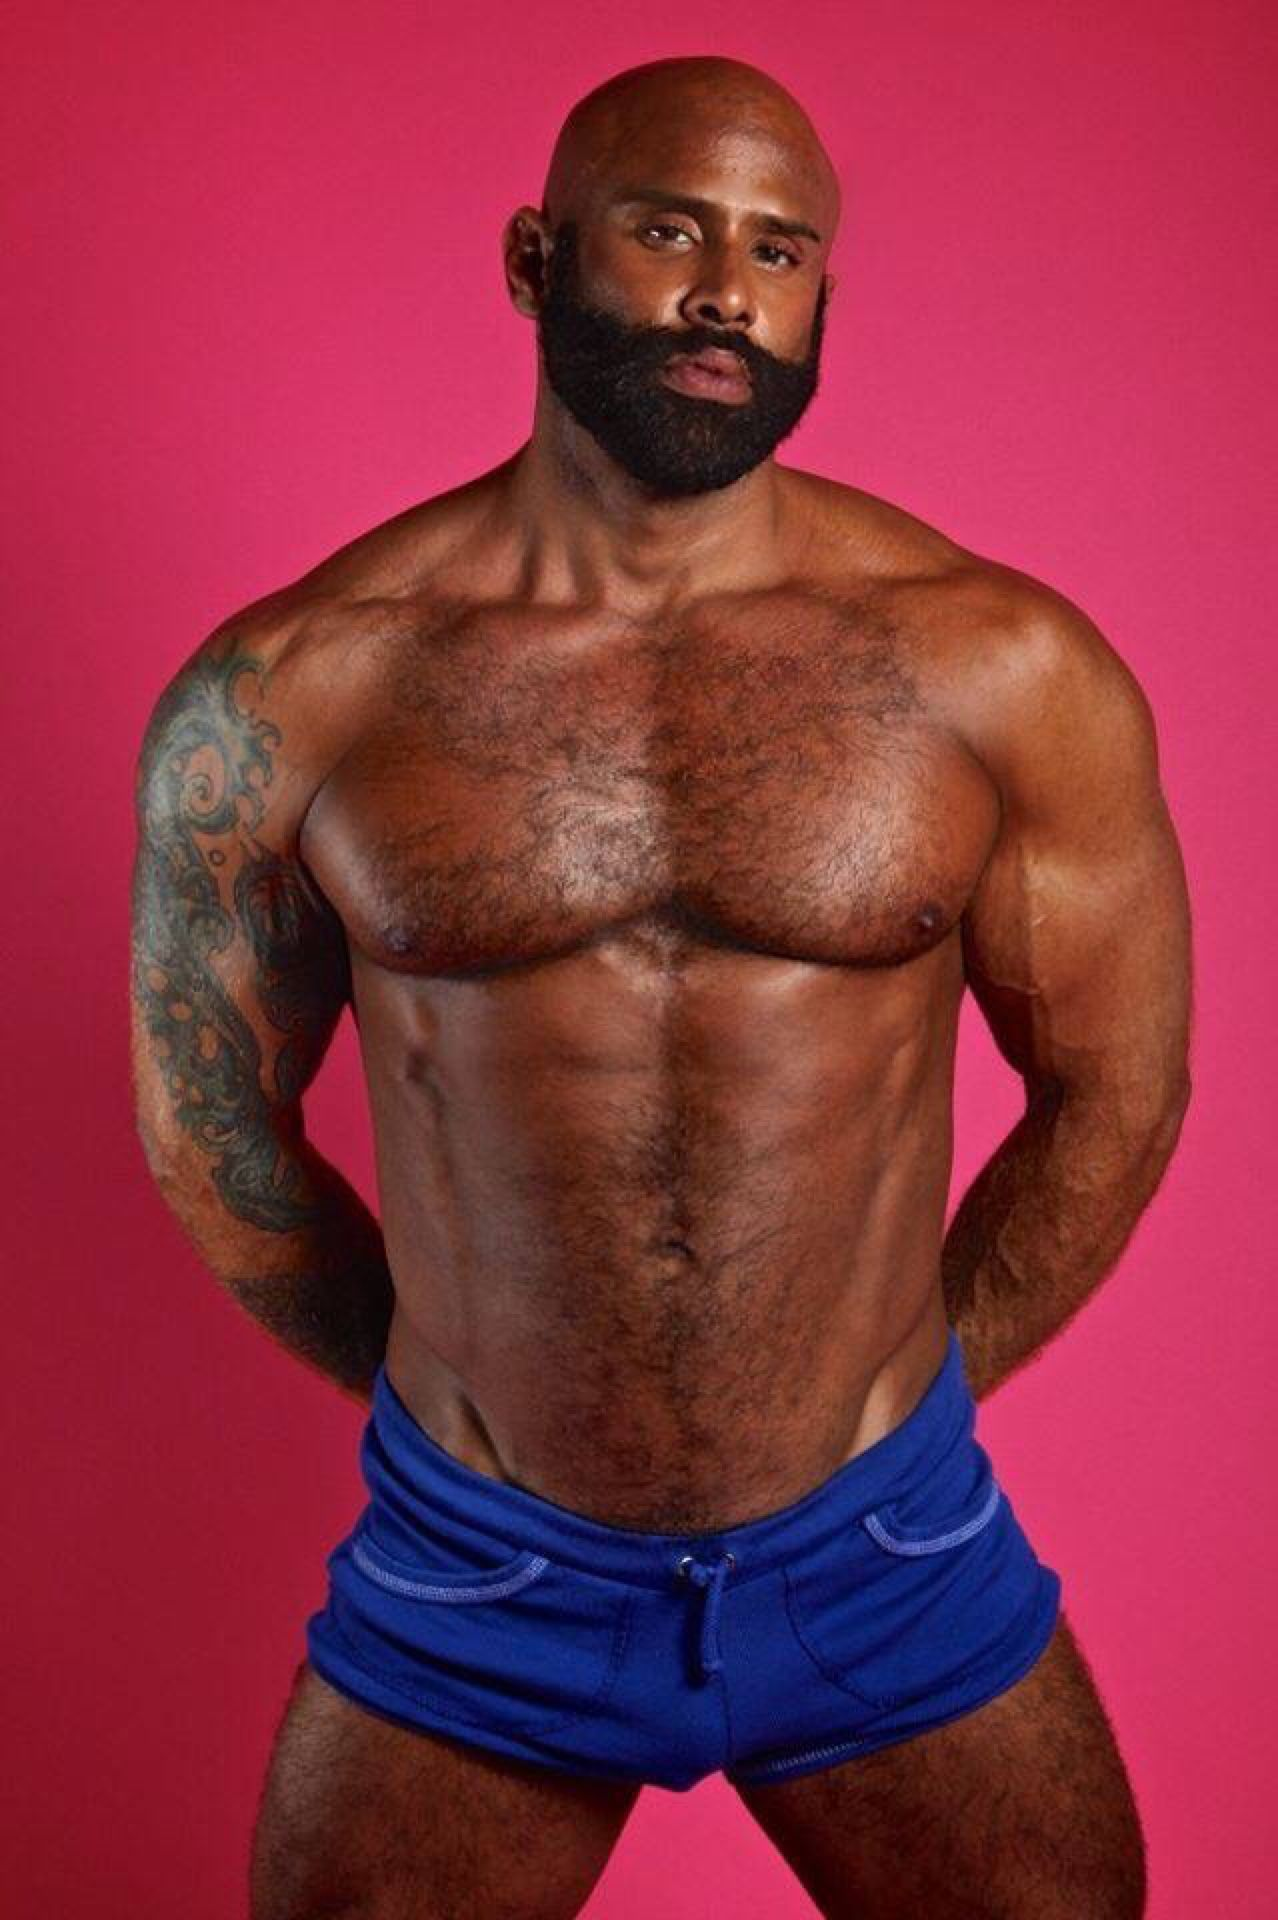 Shorty Shorts Beards Hairy Men Shirtless Men Guy